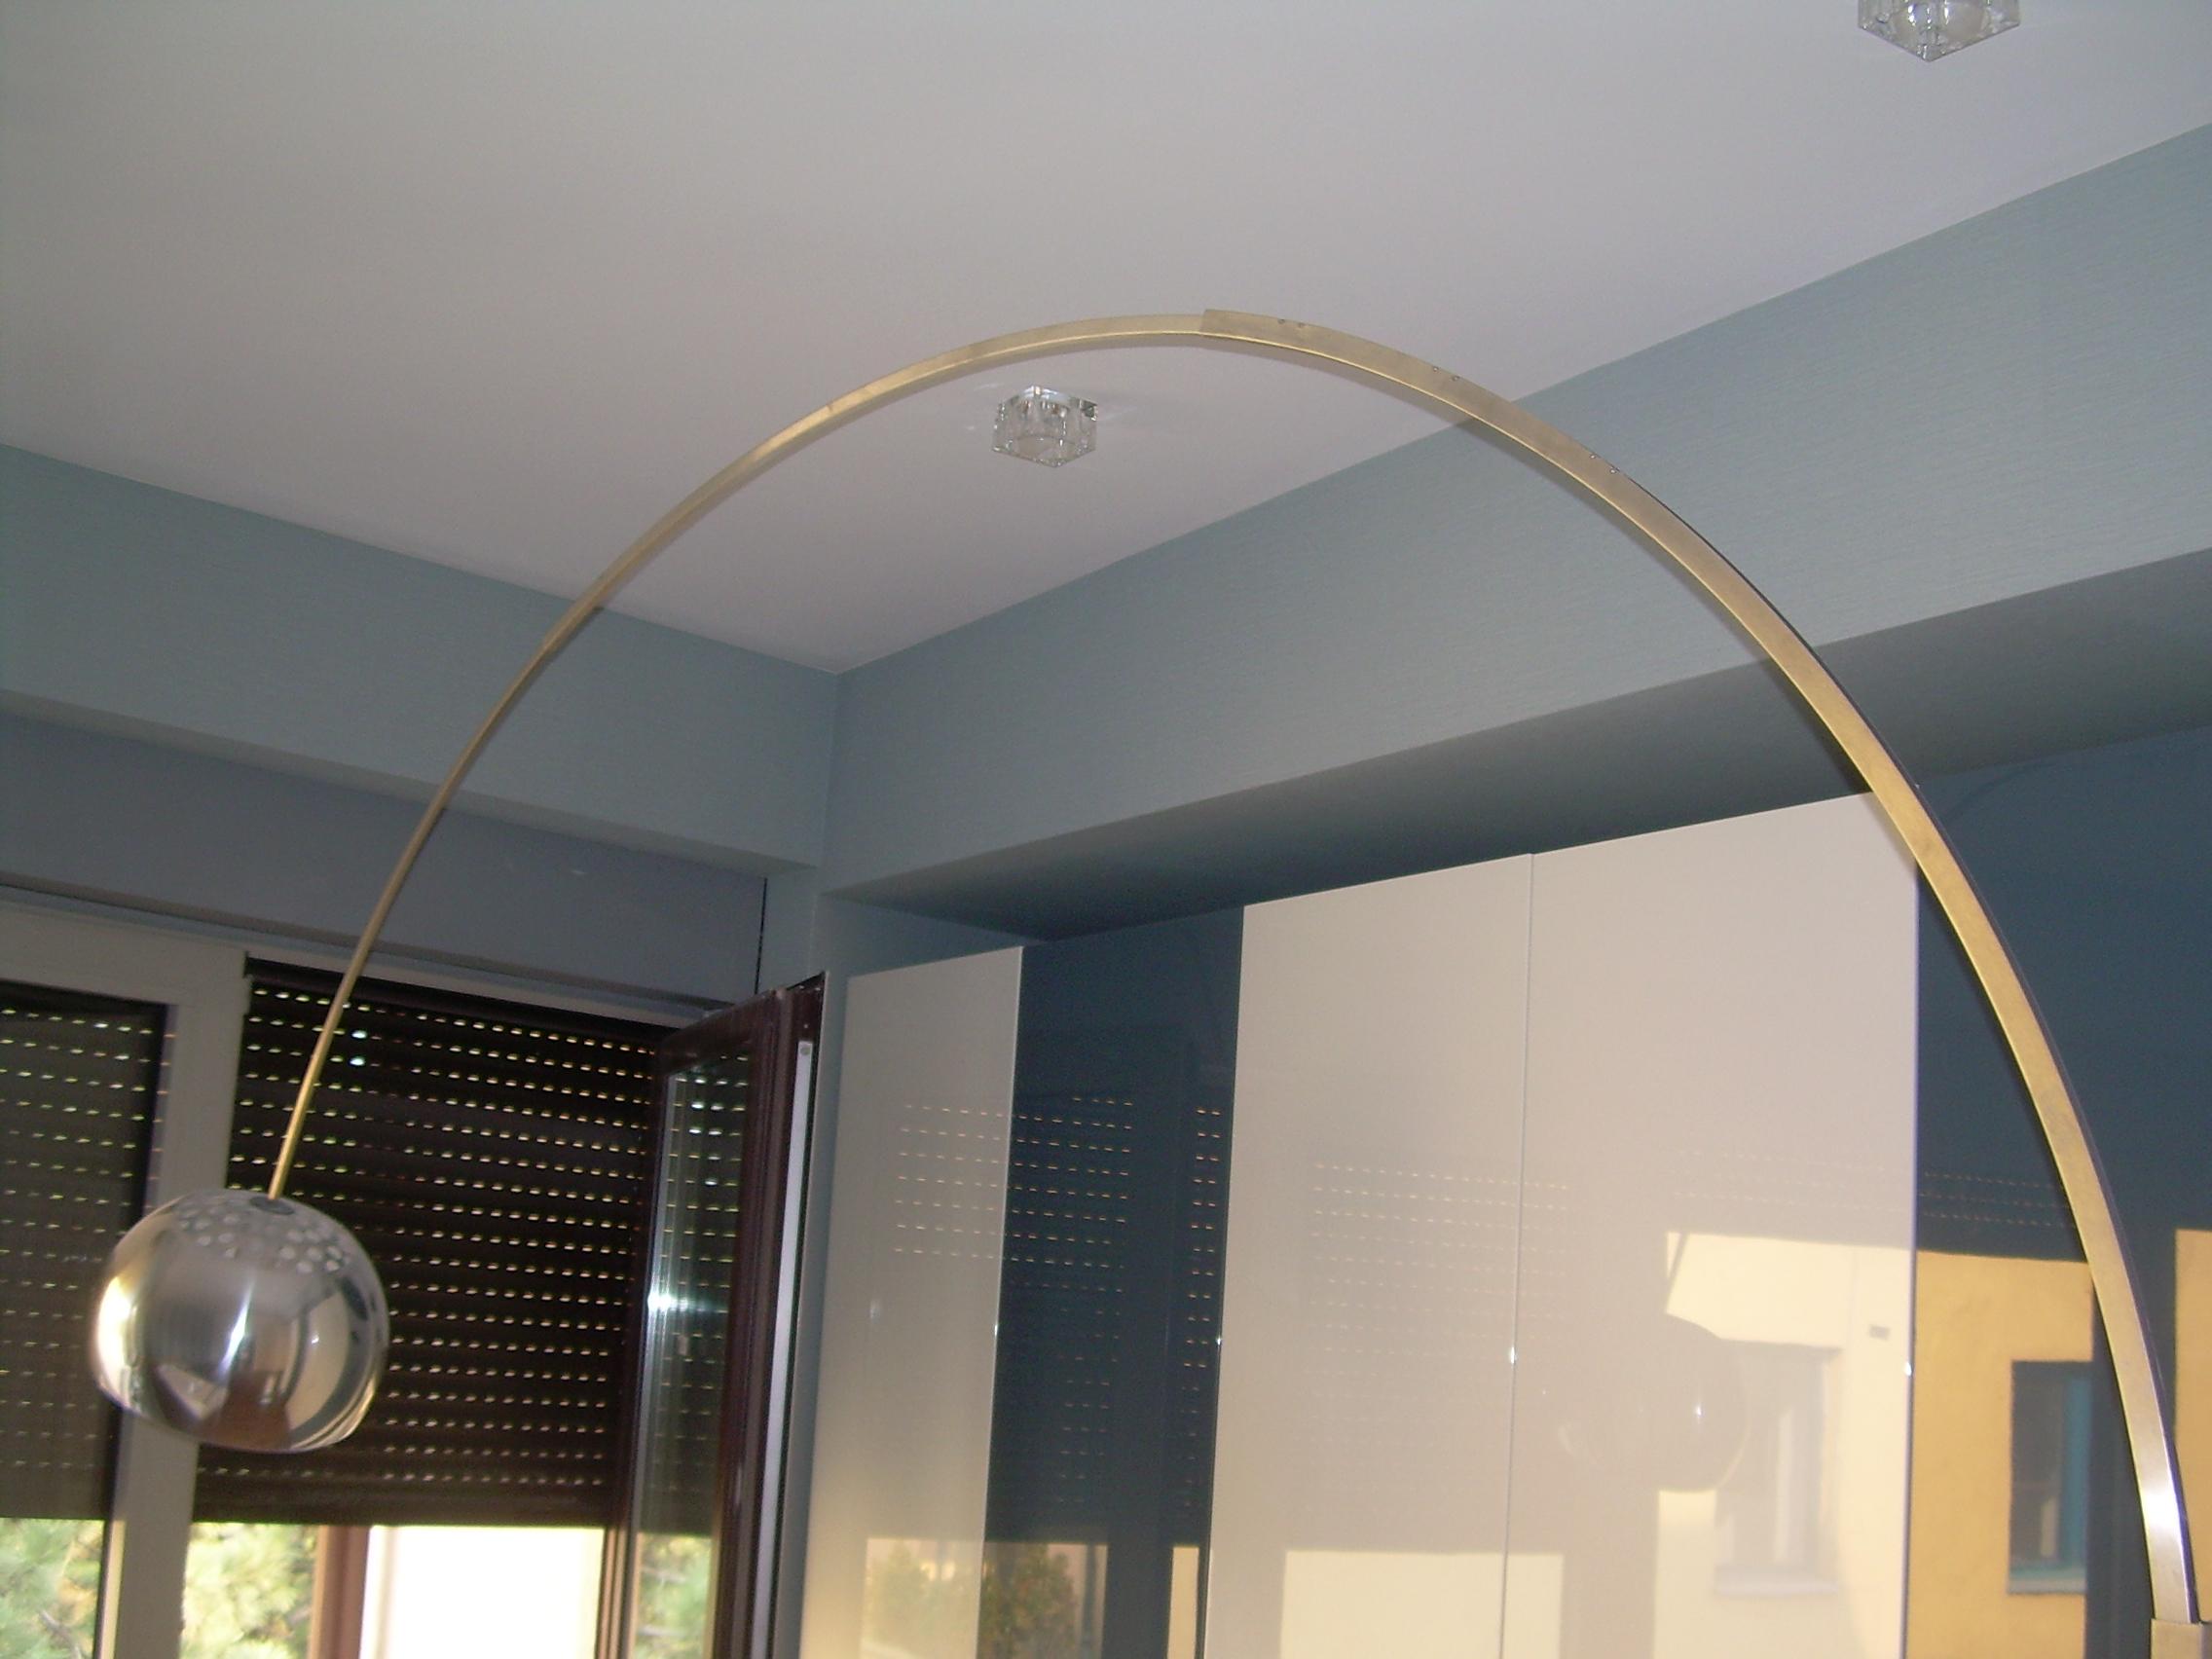 Lucrari de amenajare interioare cu tapet  - Poza 28